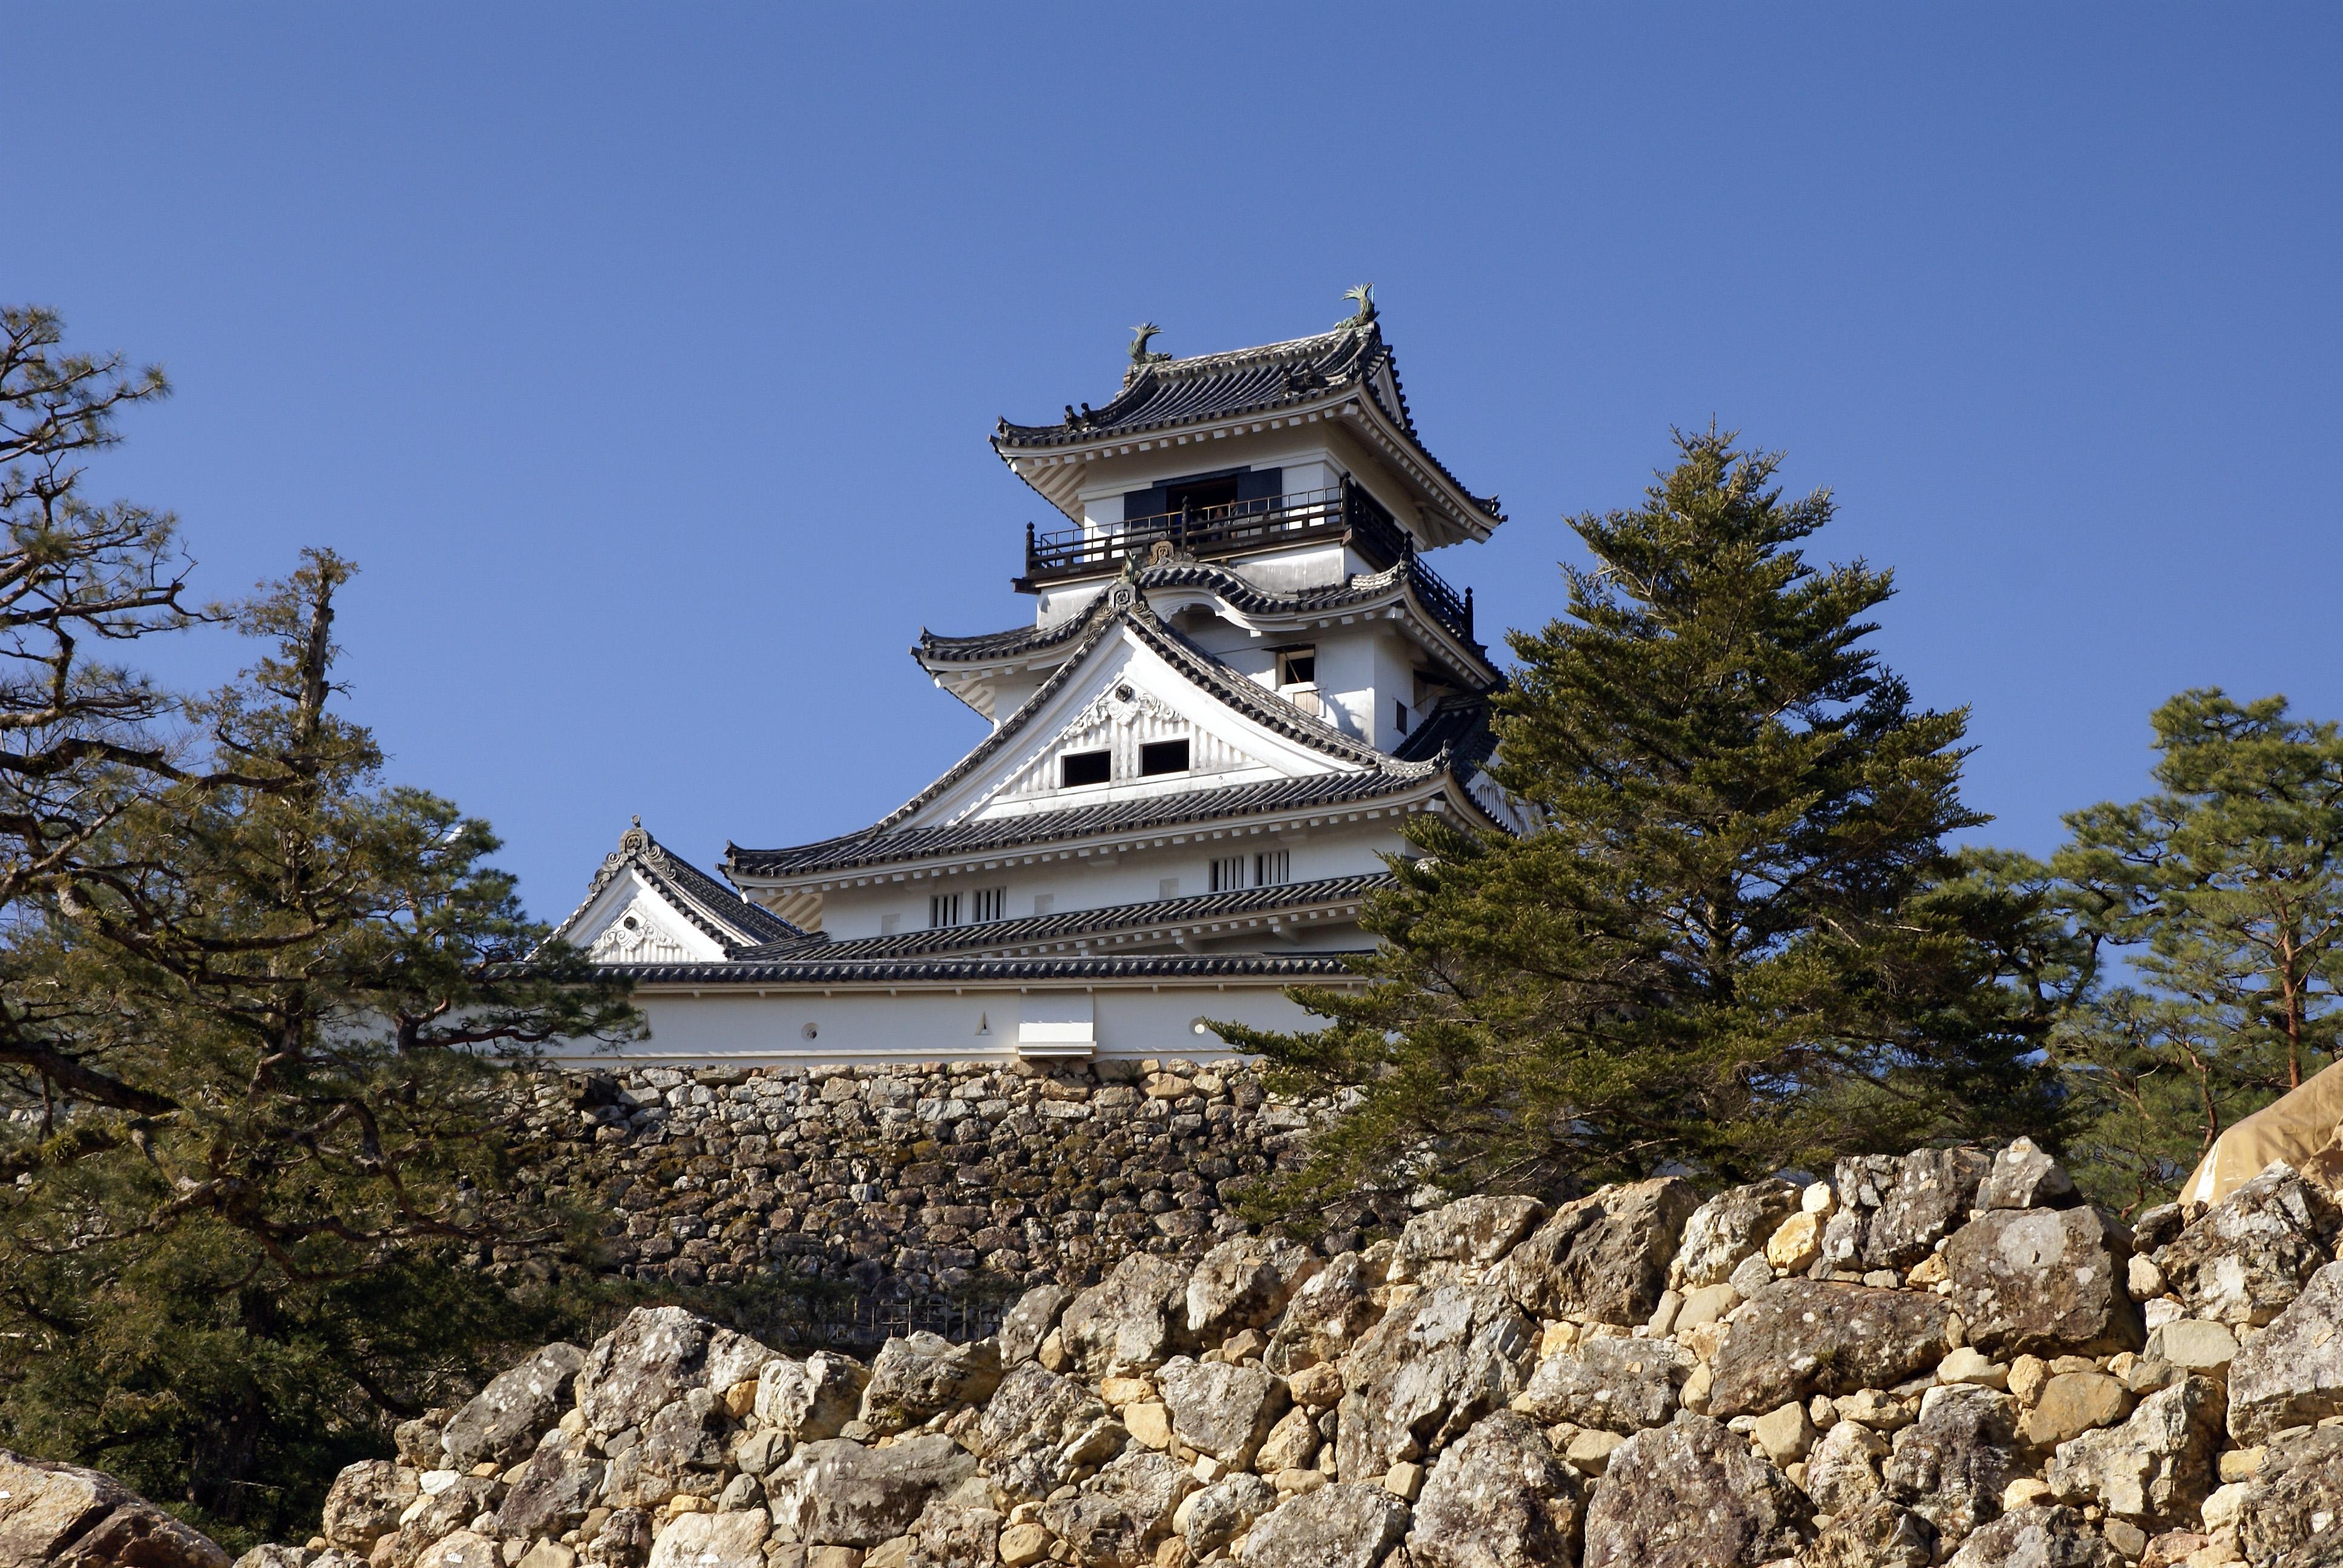 Kochi Castle Kochi Japan Castle Pinterest